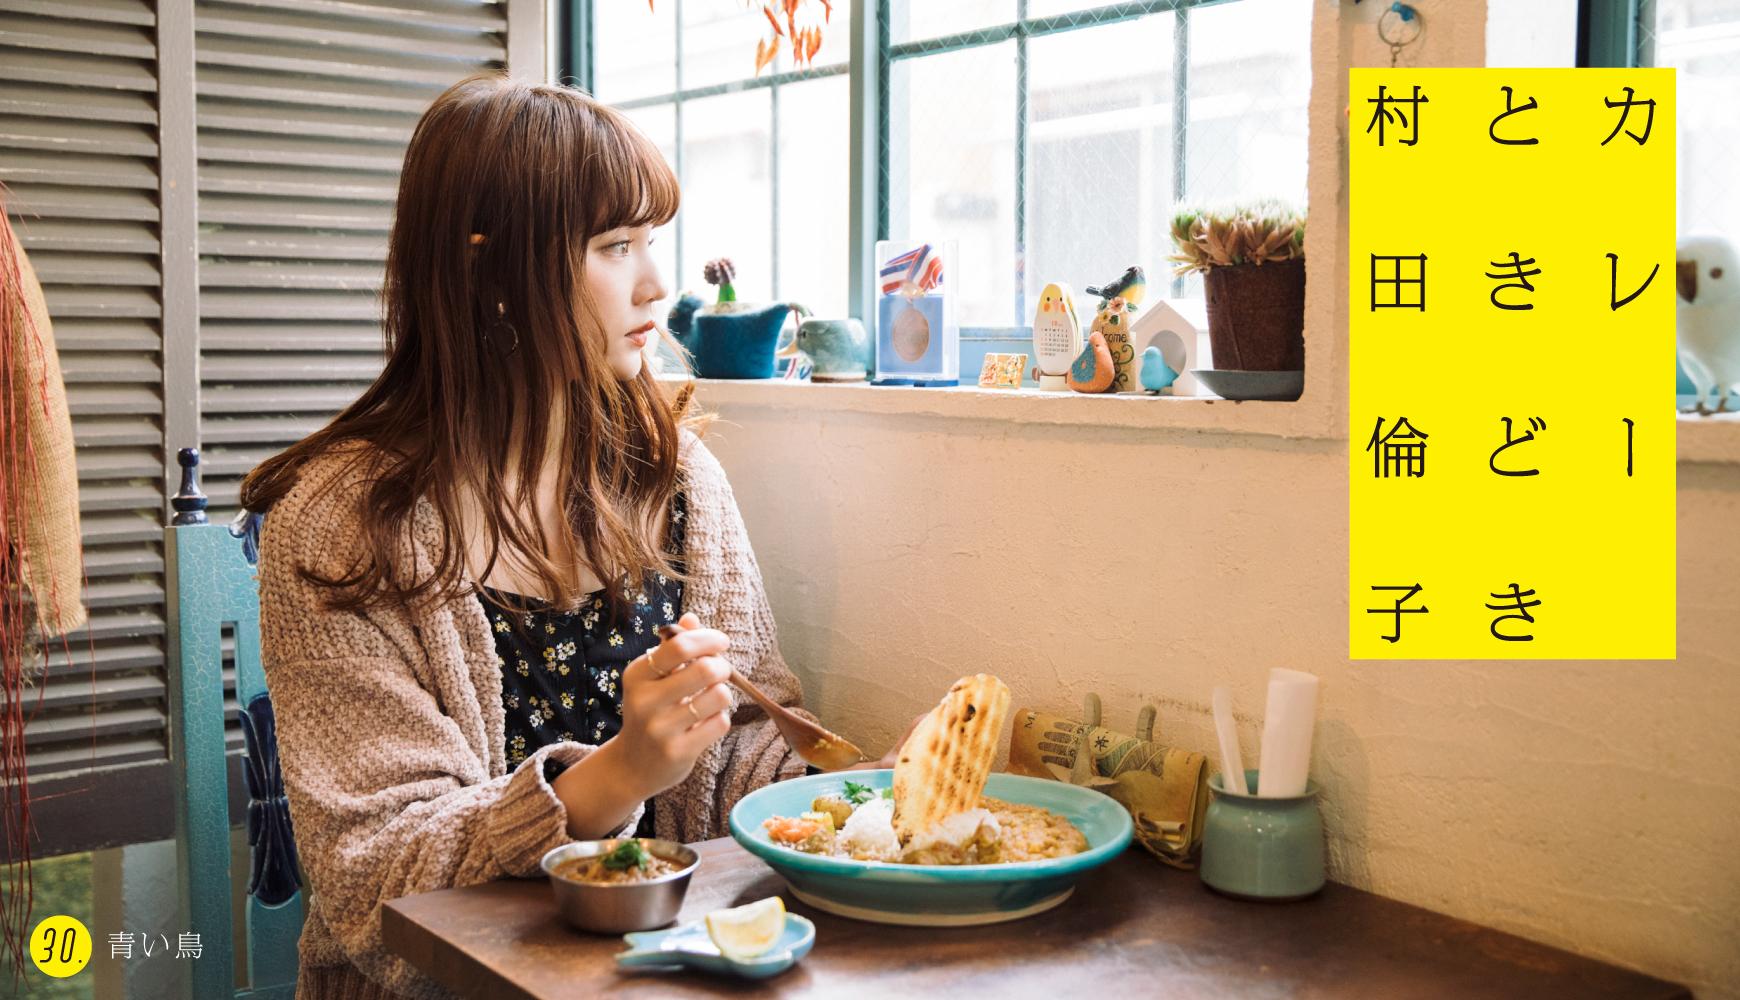 カレーときどき村田倫子 #30 青い鳥